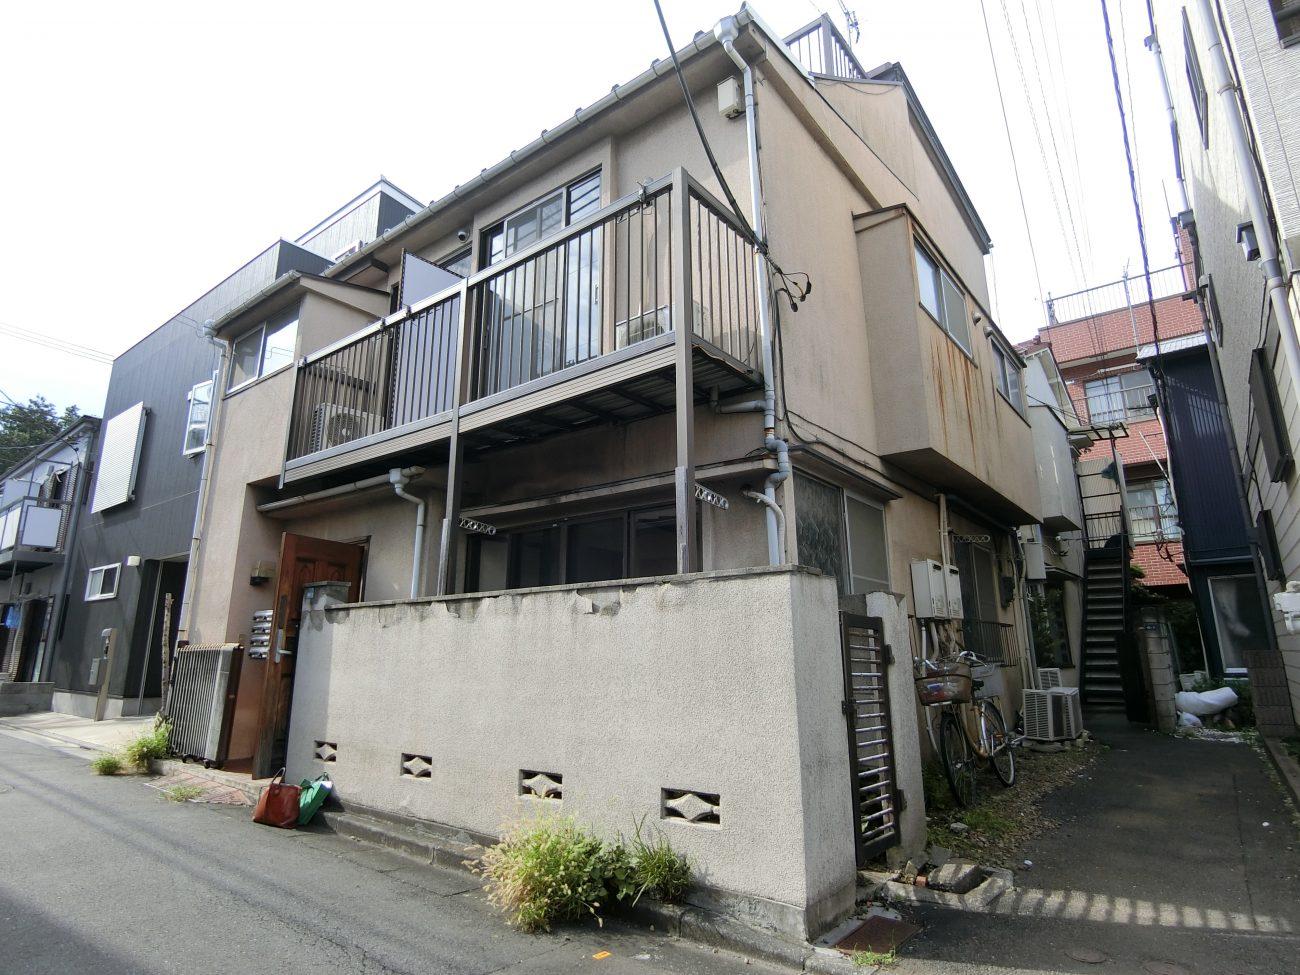 板橋本町 築55年のレトロな木造戸建てを外構リノベでリニューアルの画像